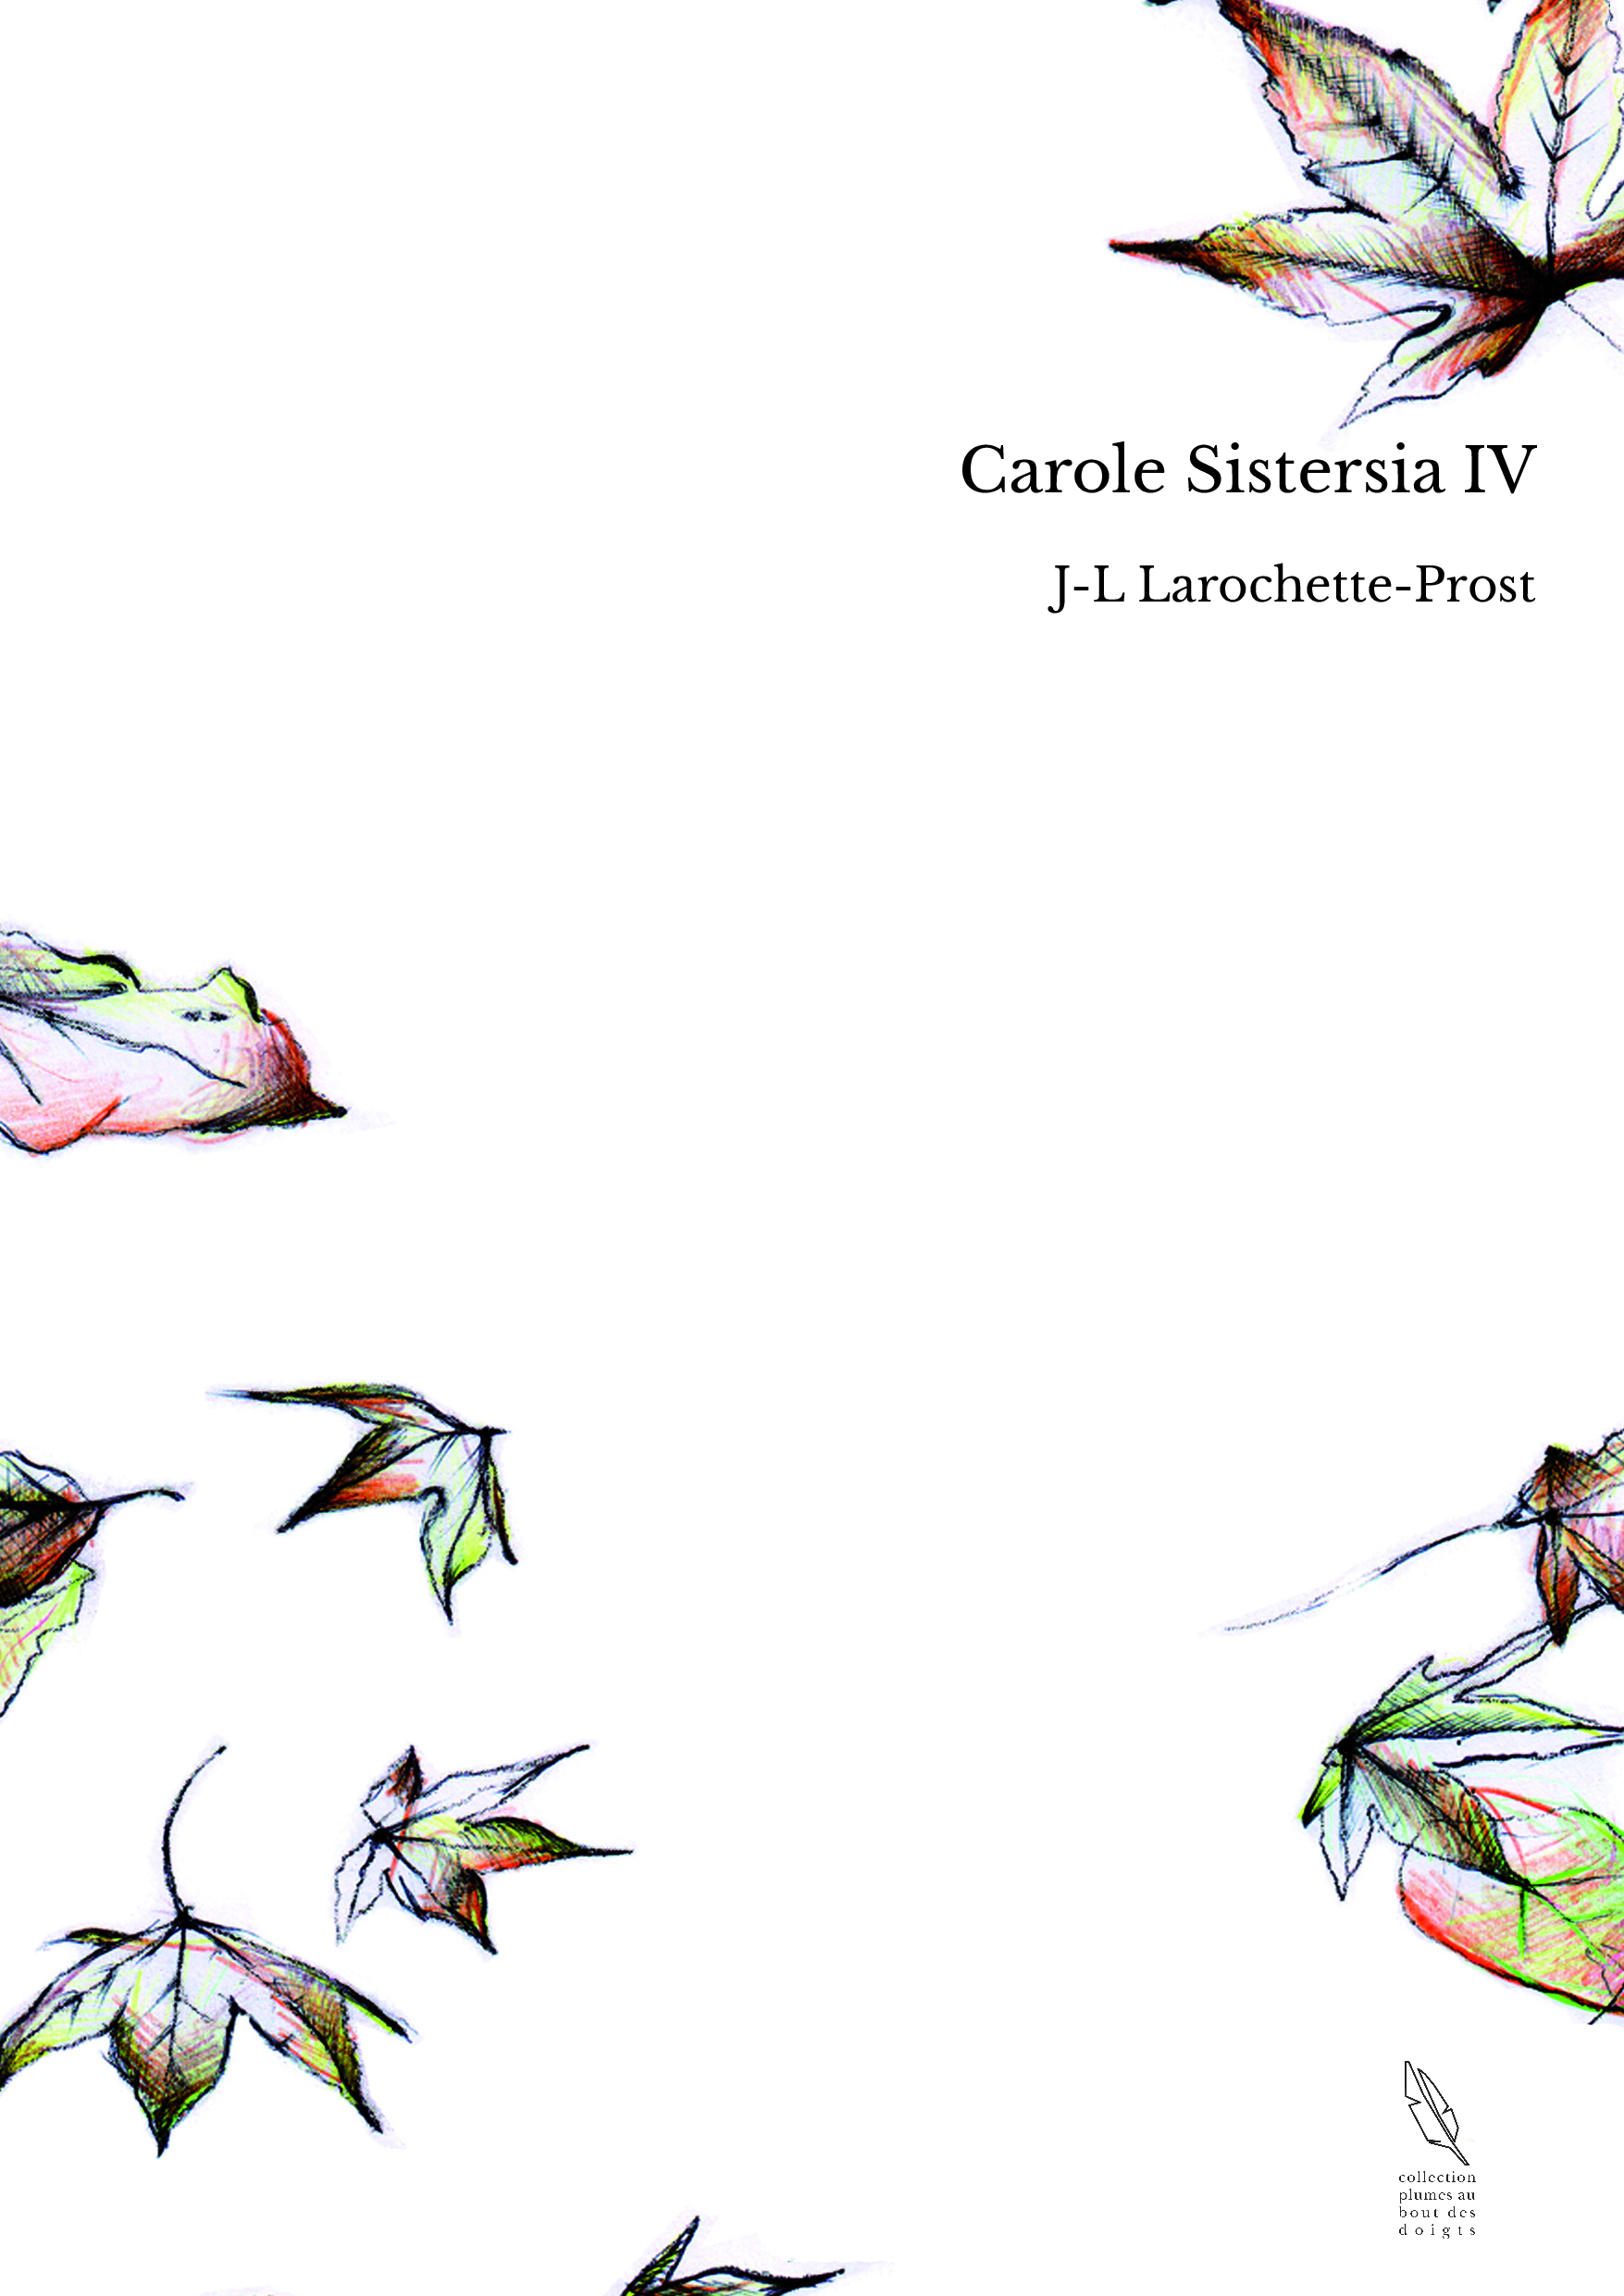 Carole Sistersia IV